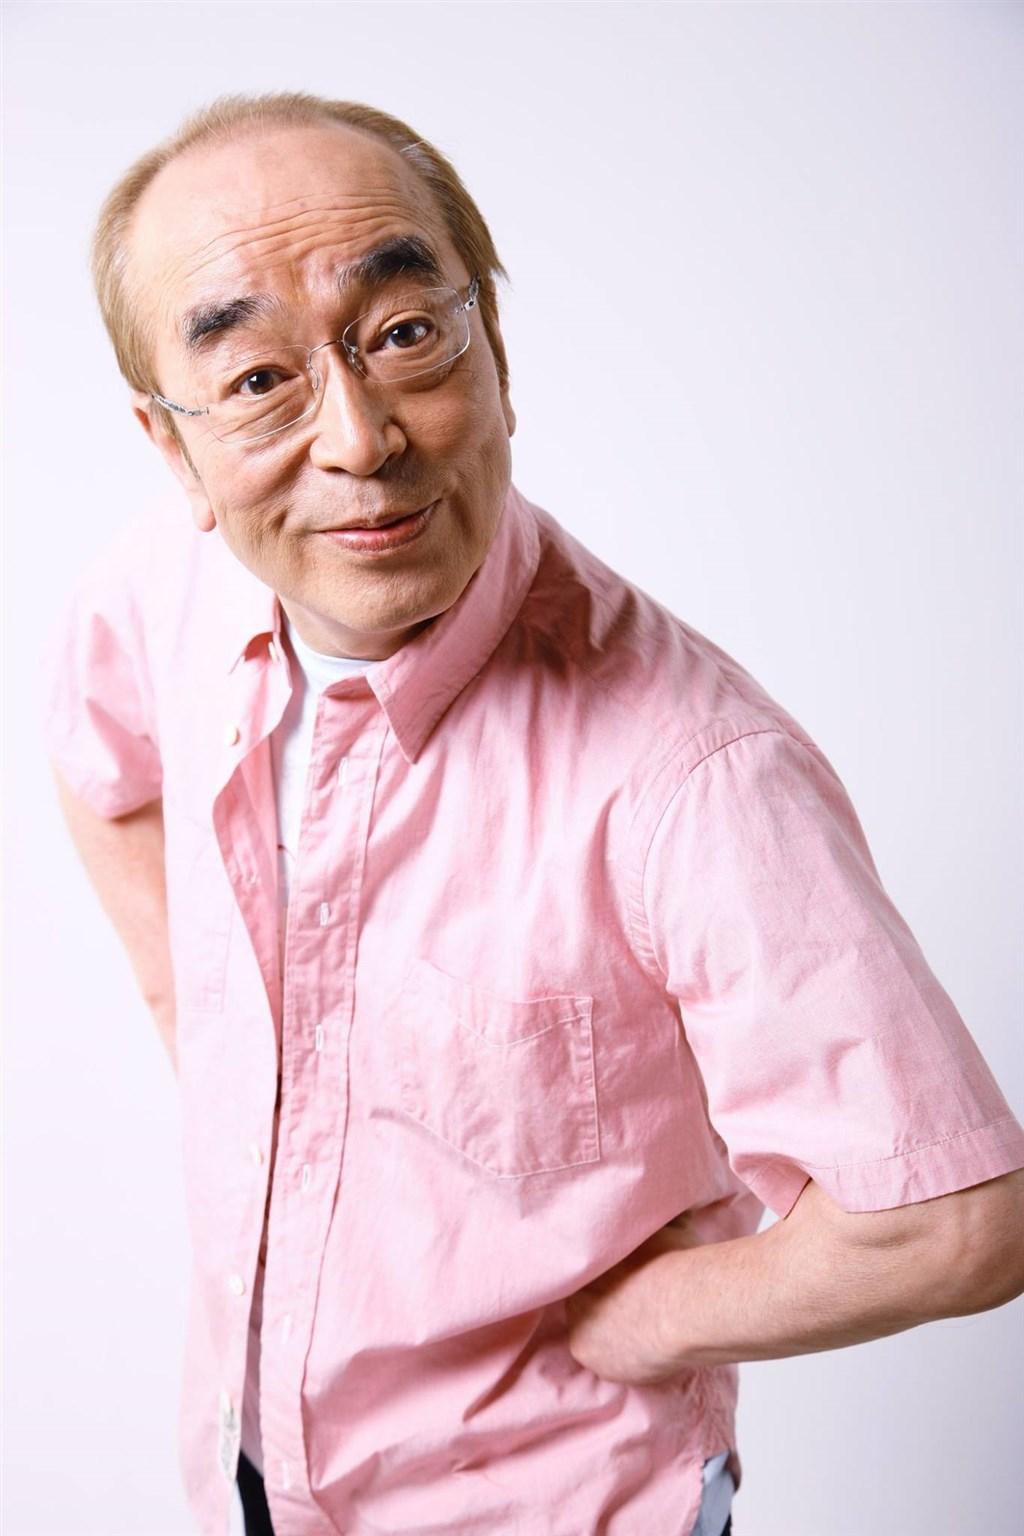 日本知名喜劇王、藝人志村健(圖)所屬經紀公司25日表示,志村20日送醫時已罹患重度肺炎,23日確診武漢肺炎。(圖取自facebook.com/kenshimura.global)